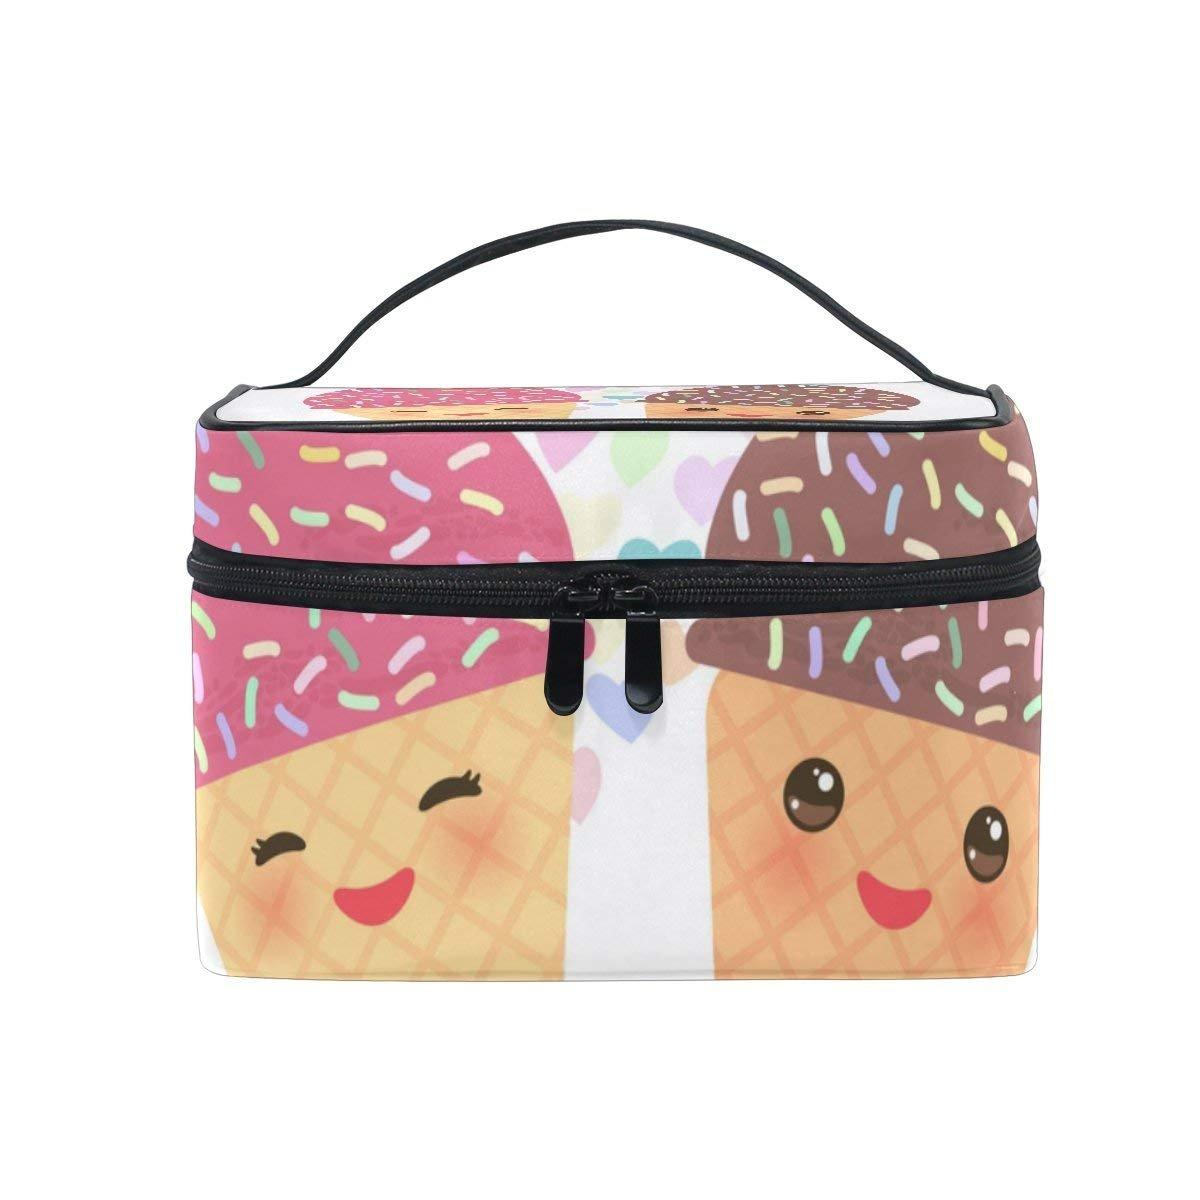 Makeup Bag I Love You Cream Mens Travel Toiletry Bag Mens Cosmetic Bags for Women Fun Large Makeup Organizer